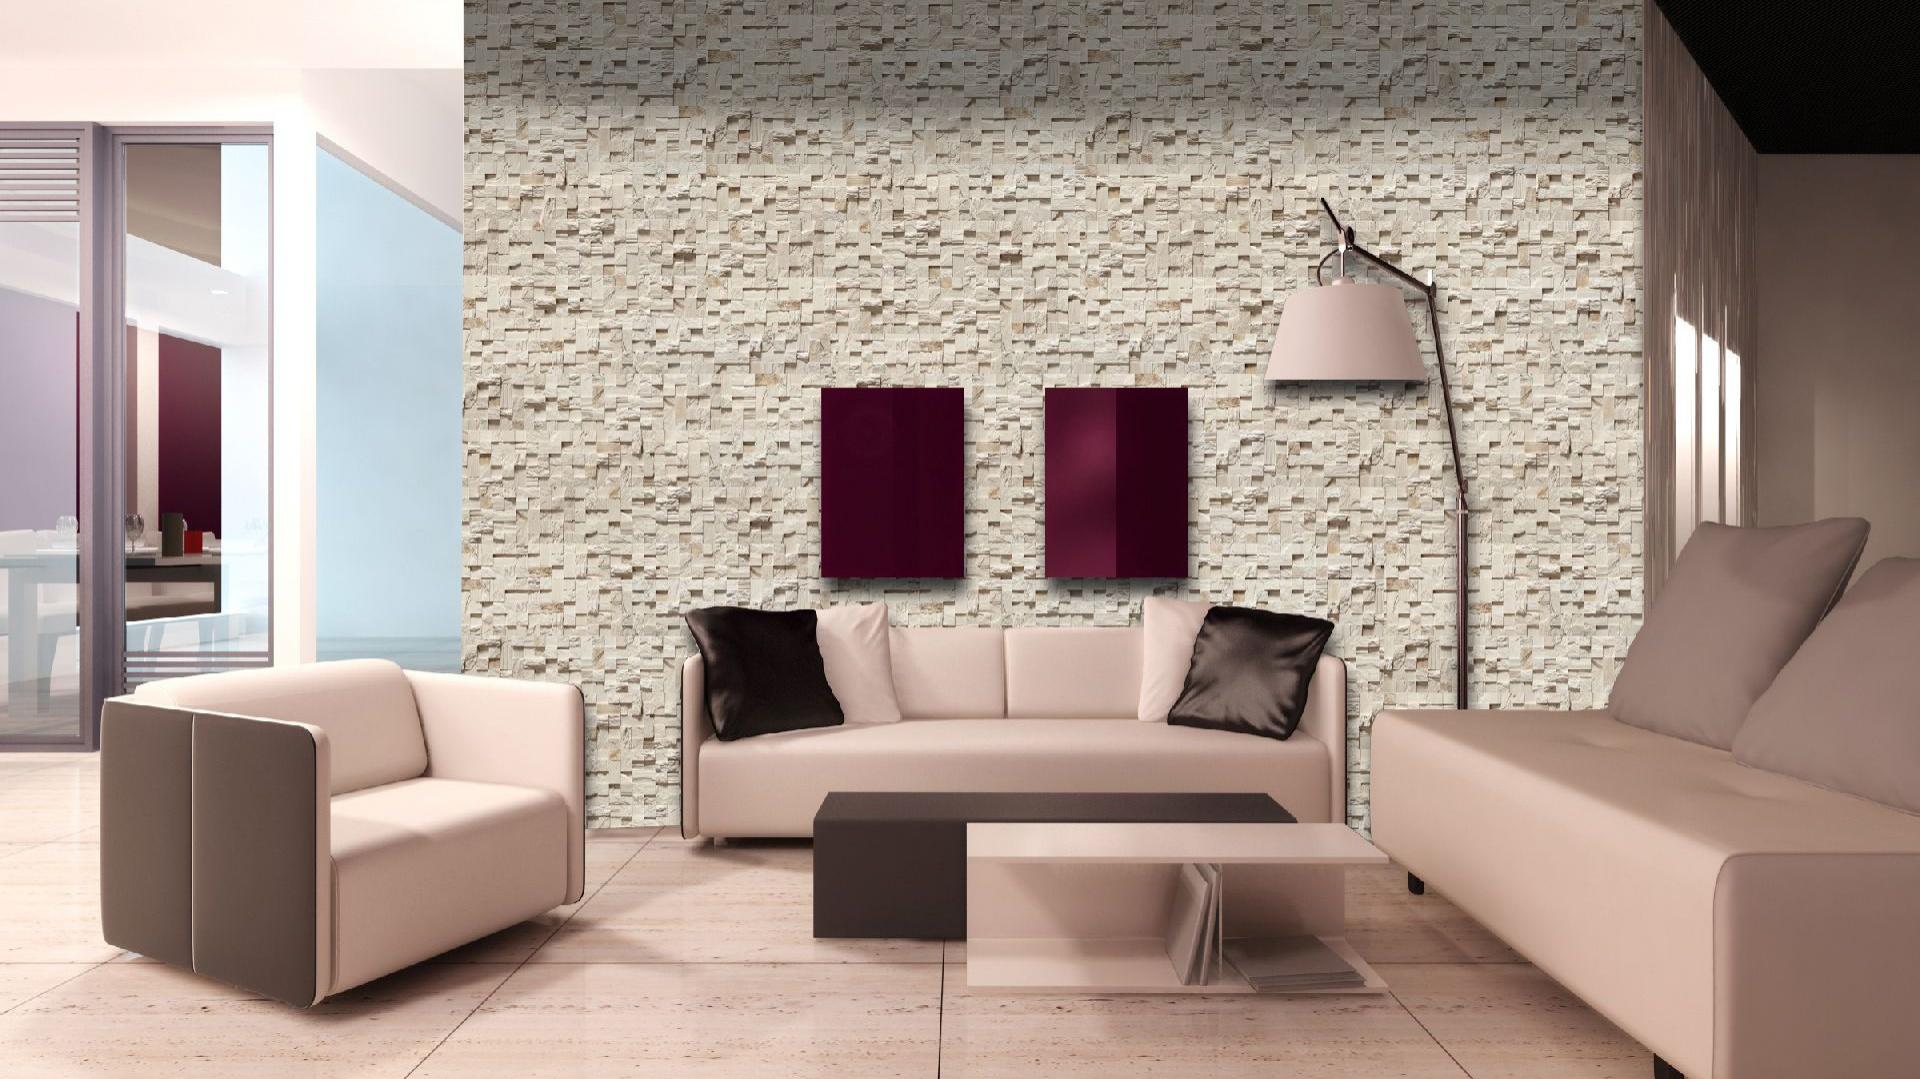 Kamień dekoracyjny Lugano nadaje się szczególnie do jasnych i dużych przestrzeni, gdzie odda na ścianie ciekawy efekt gry świetlnej i trójwymiarowości, dostępny w 3 kolorach. Wycena indywidualna, Maxstone.